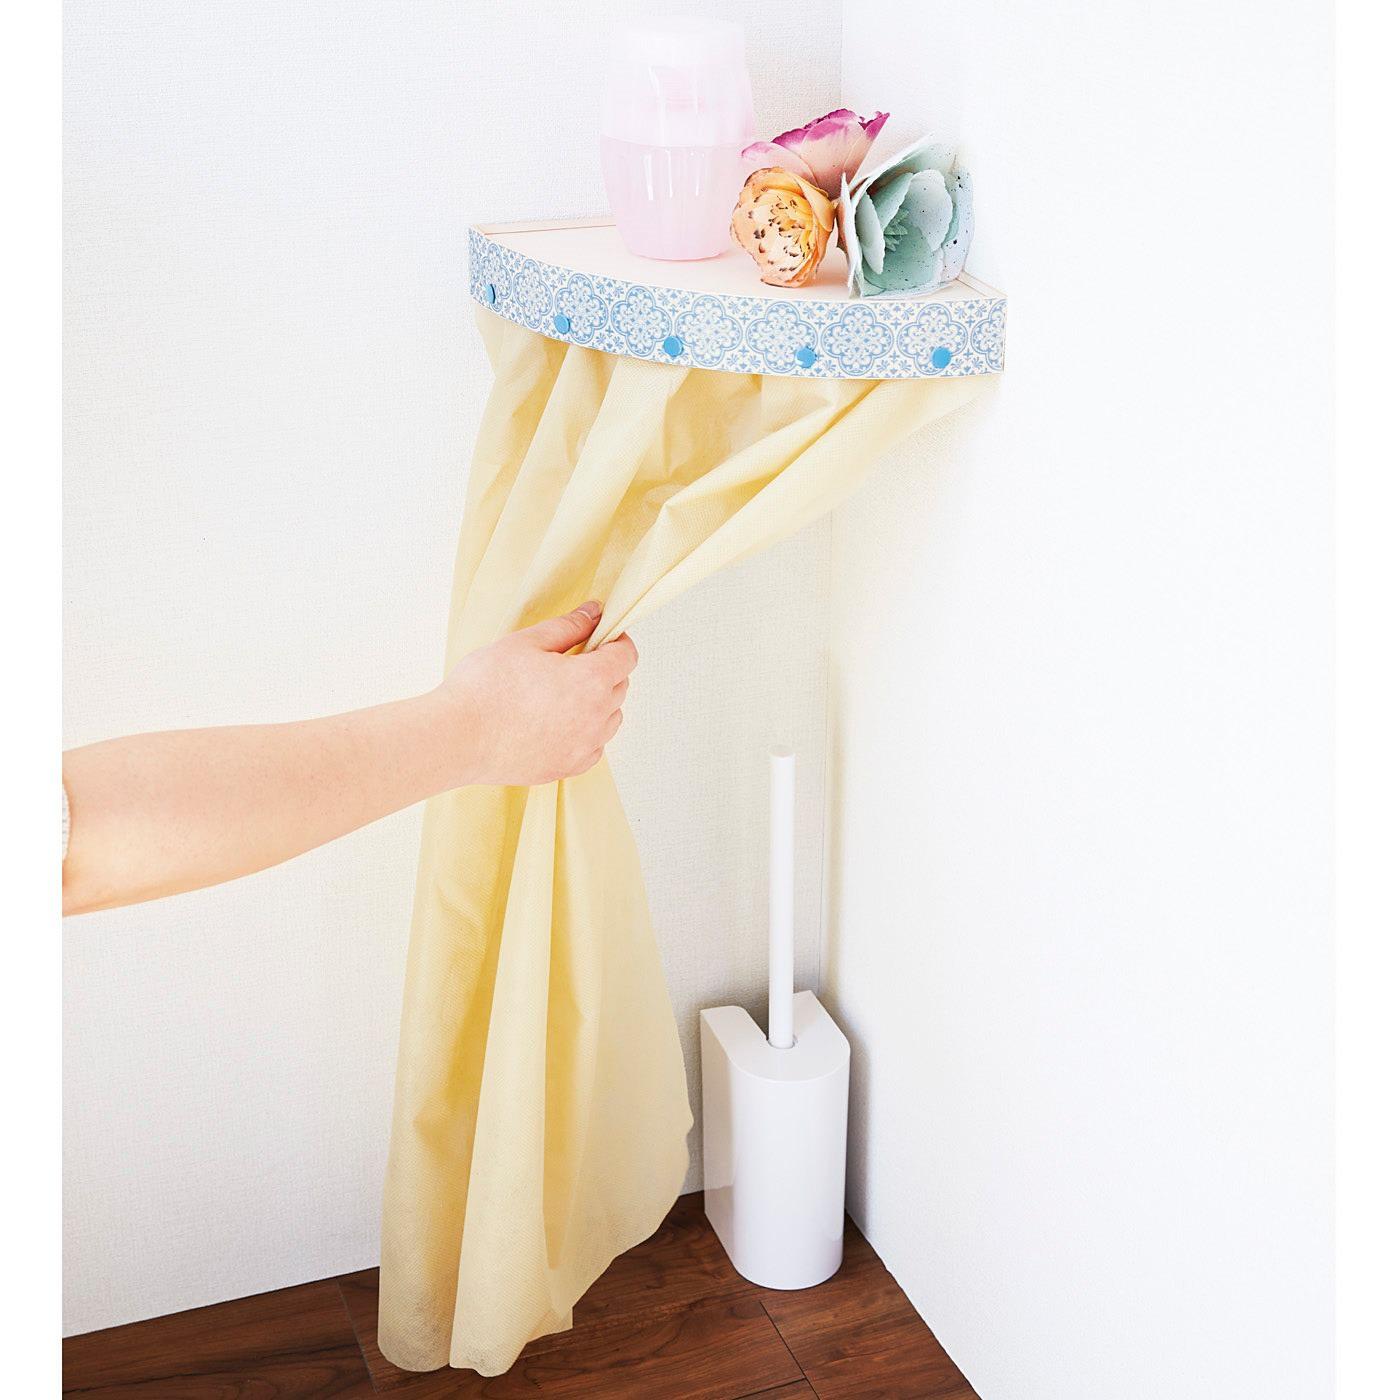 トイレの備品の目隠しにもお役立ち。さっと取り出せます。